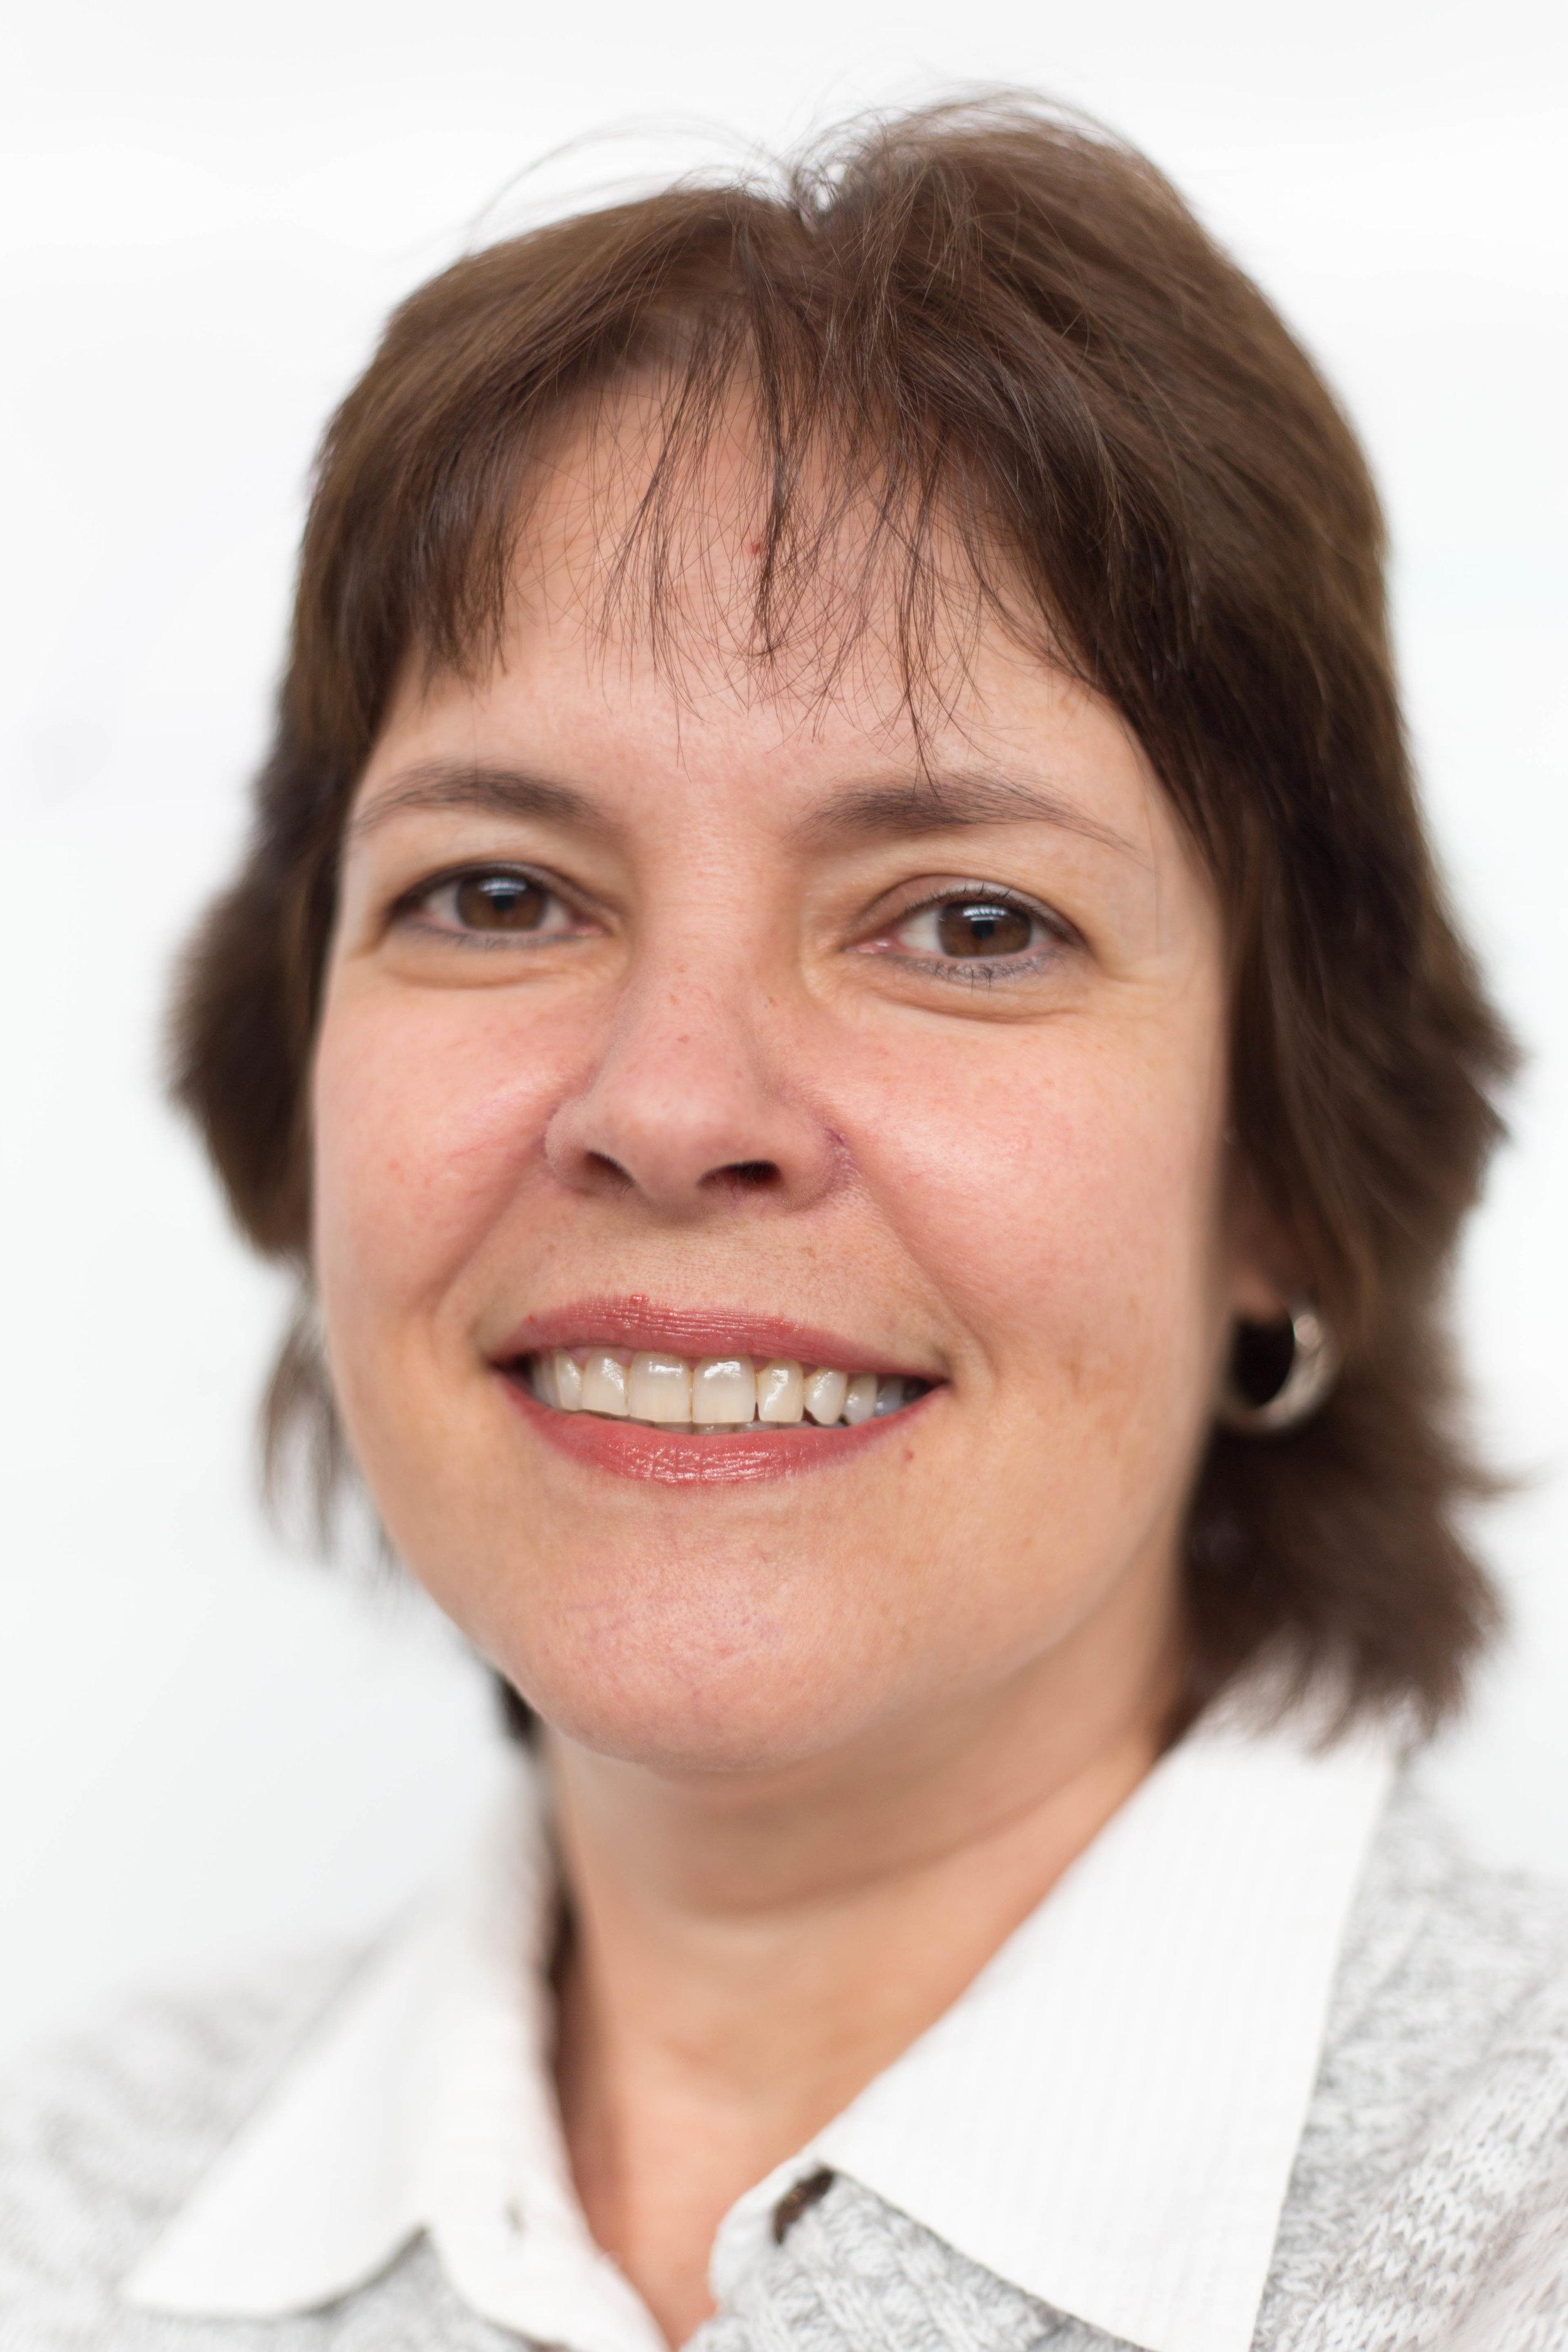 Dra. Olga rodríguez bolufé - Aquí puedes leer más acerca del ISIA.